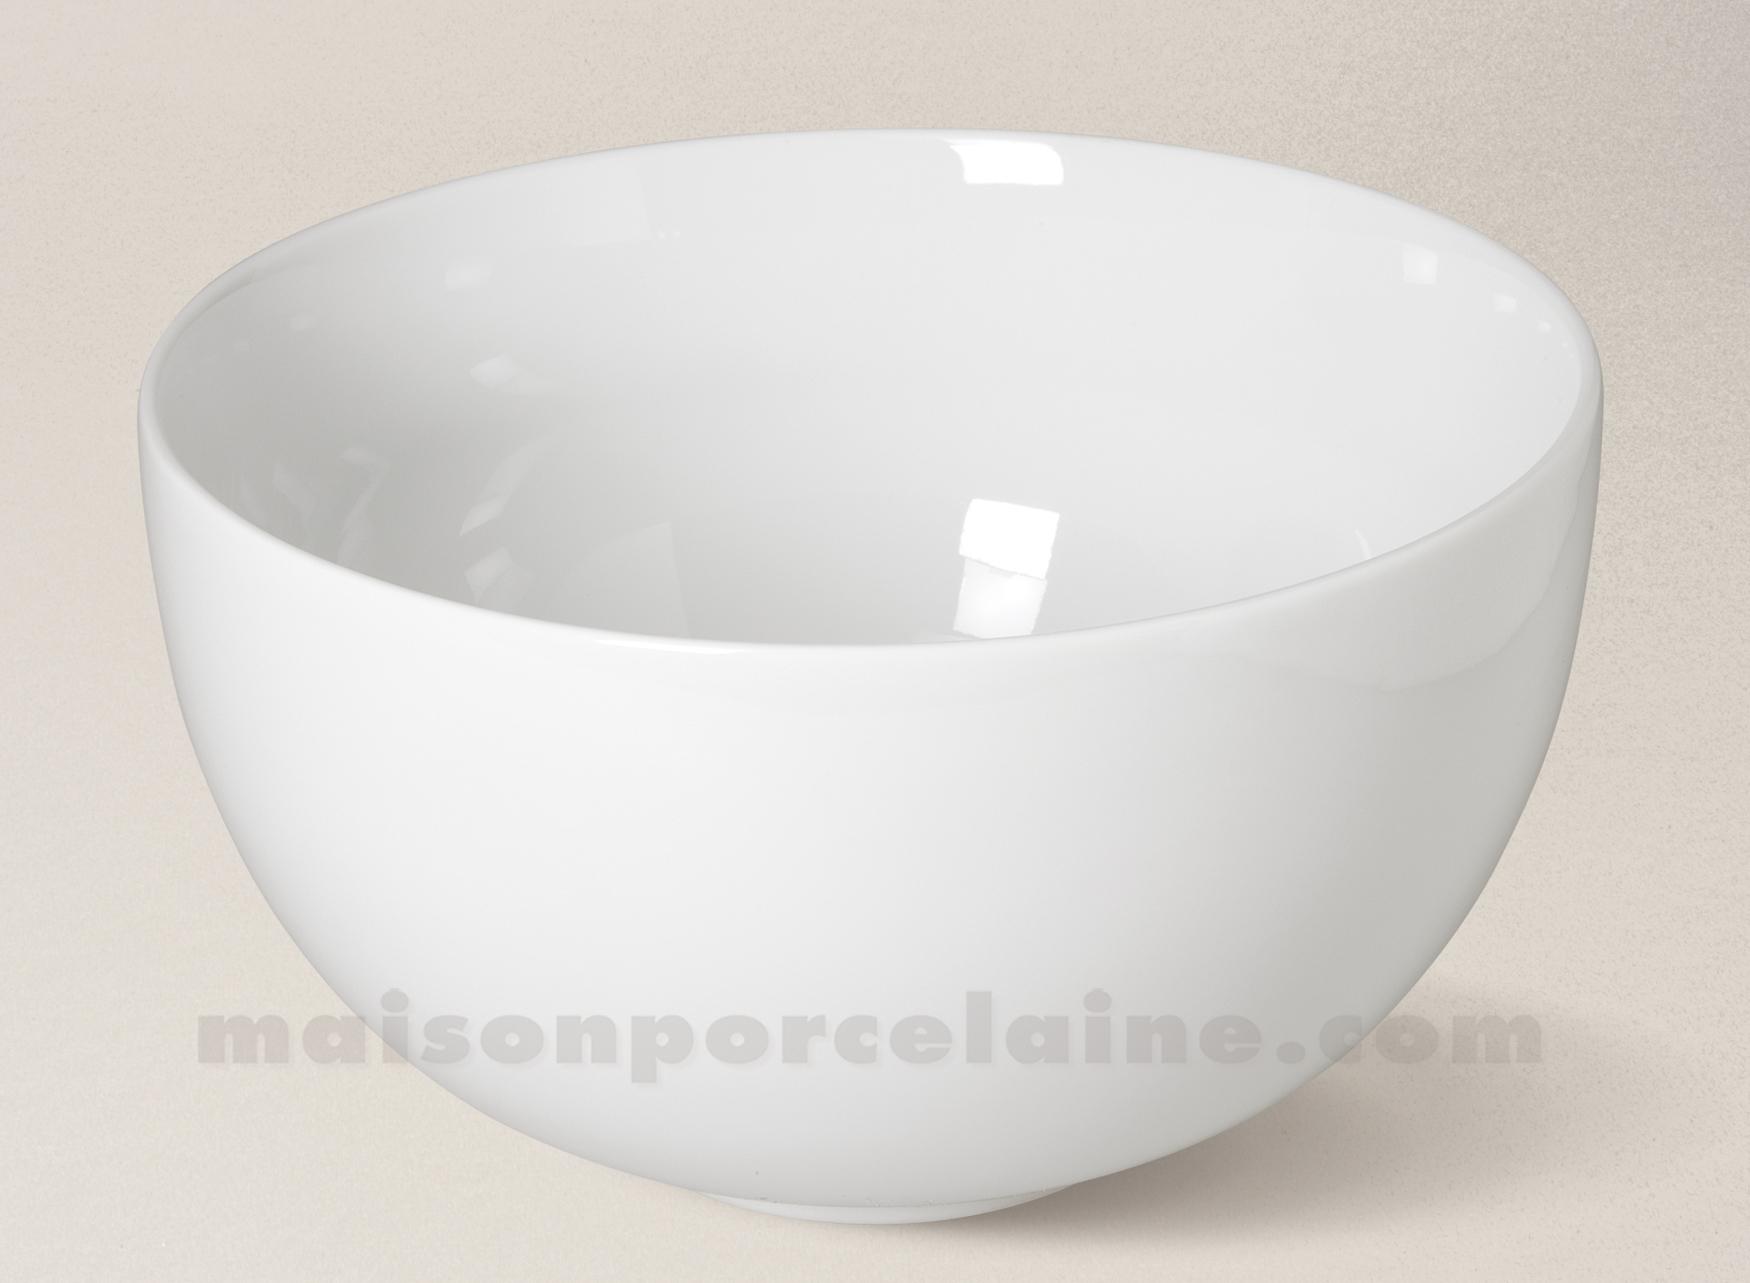 saladier porcelaine blanche boule d23 maison de la porcelaine. Black Bedroom Furniture Sets. Home Design Ideas